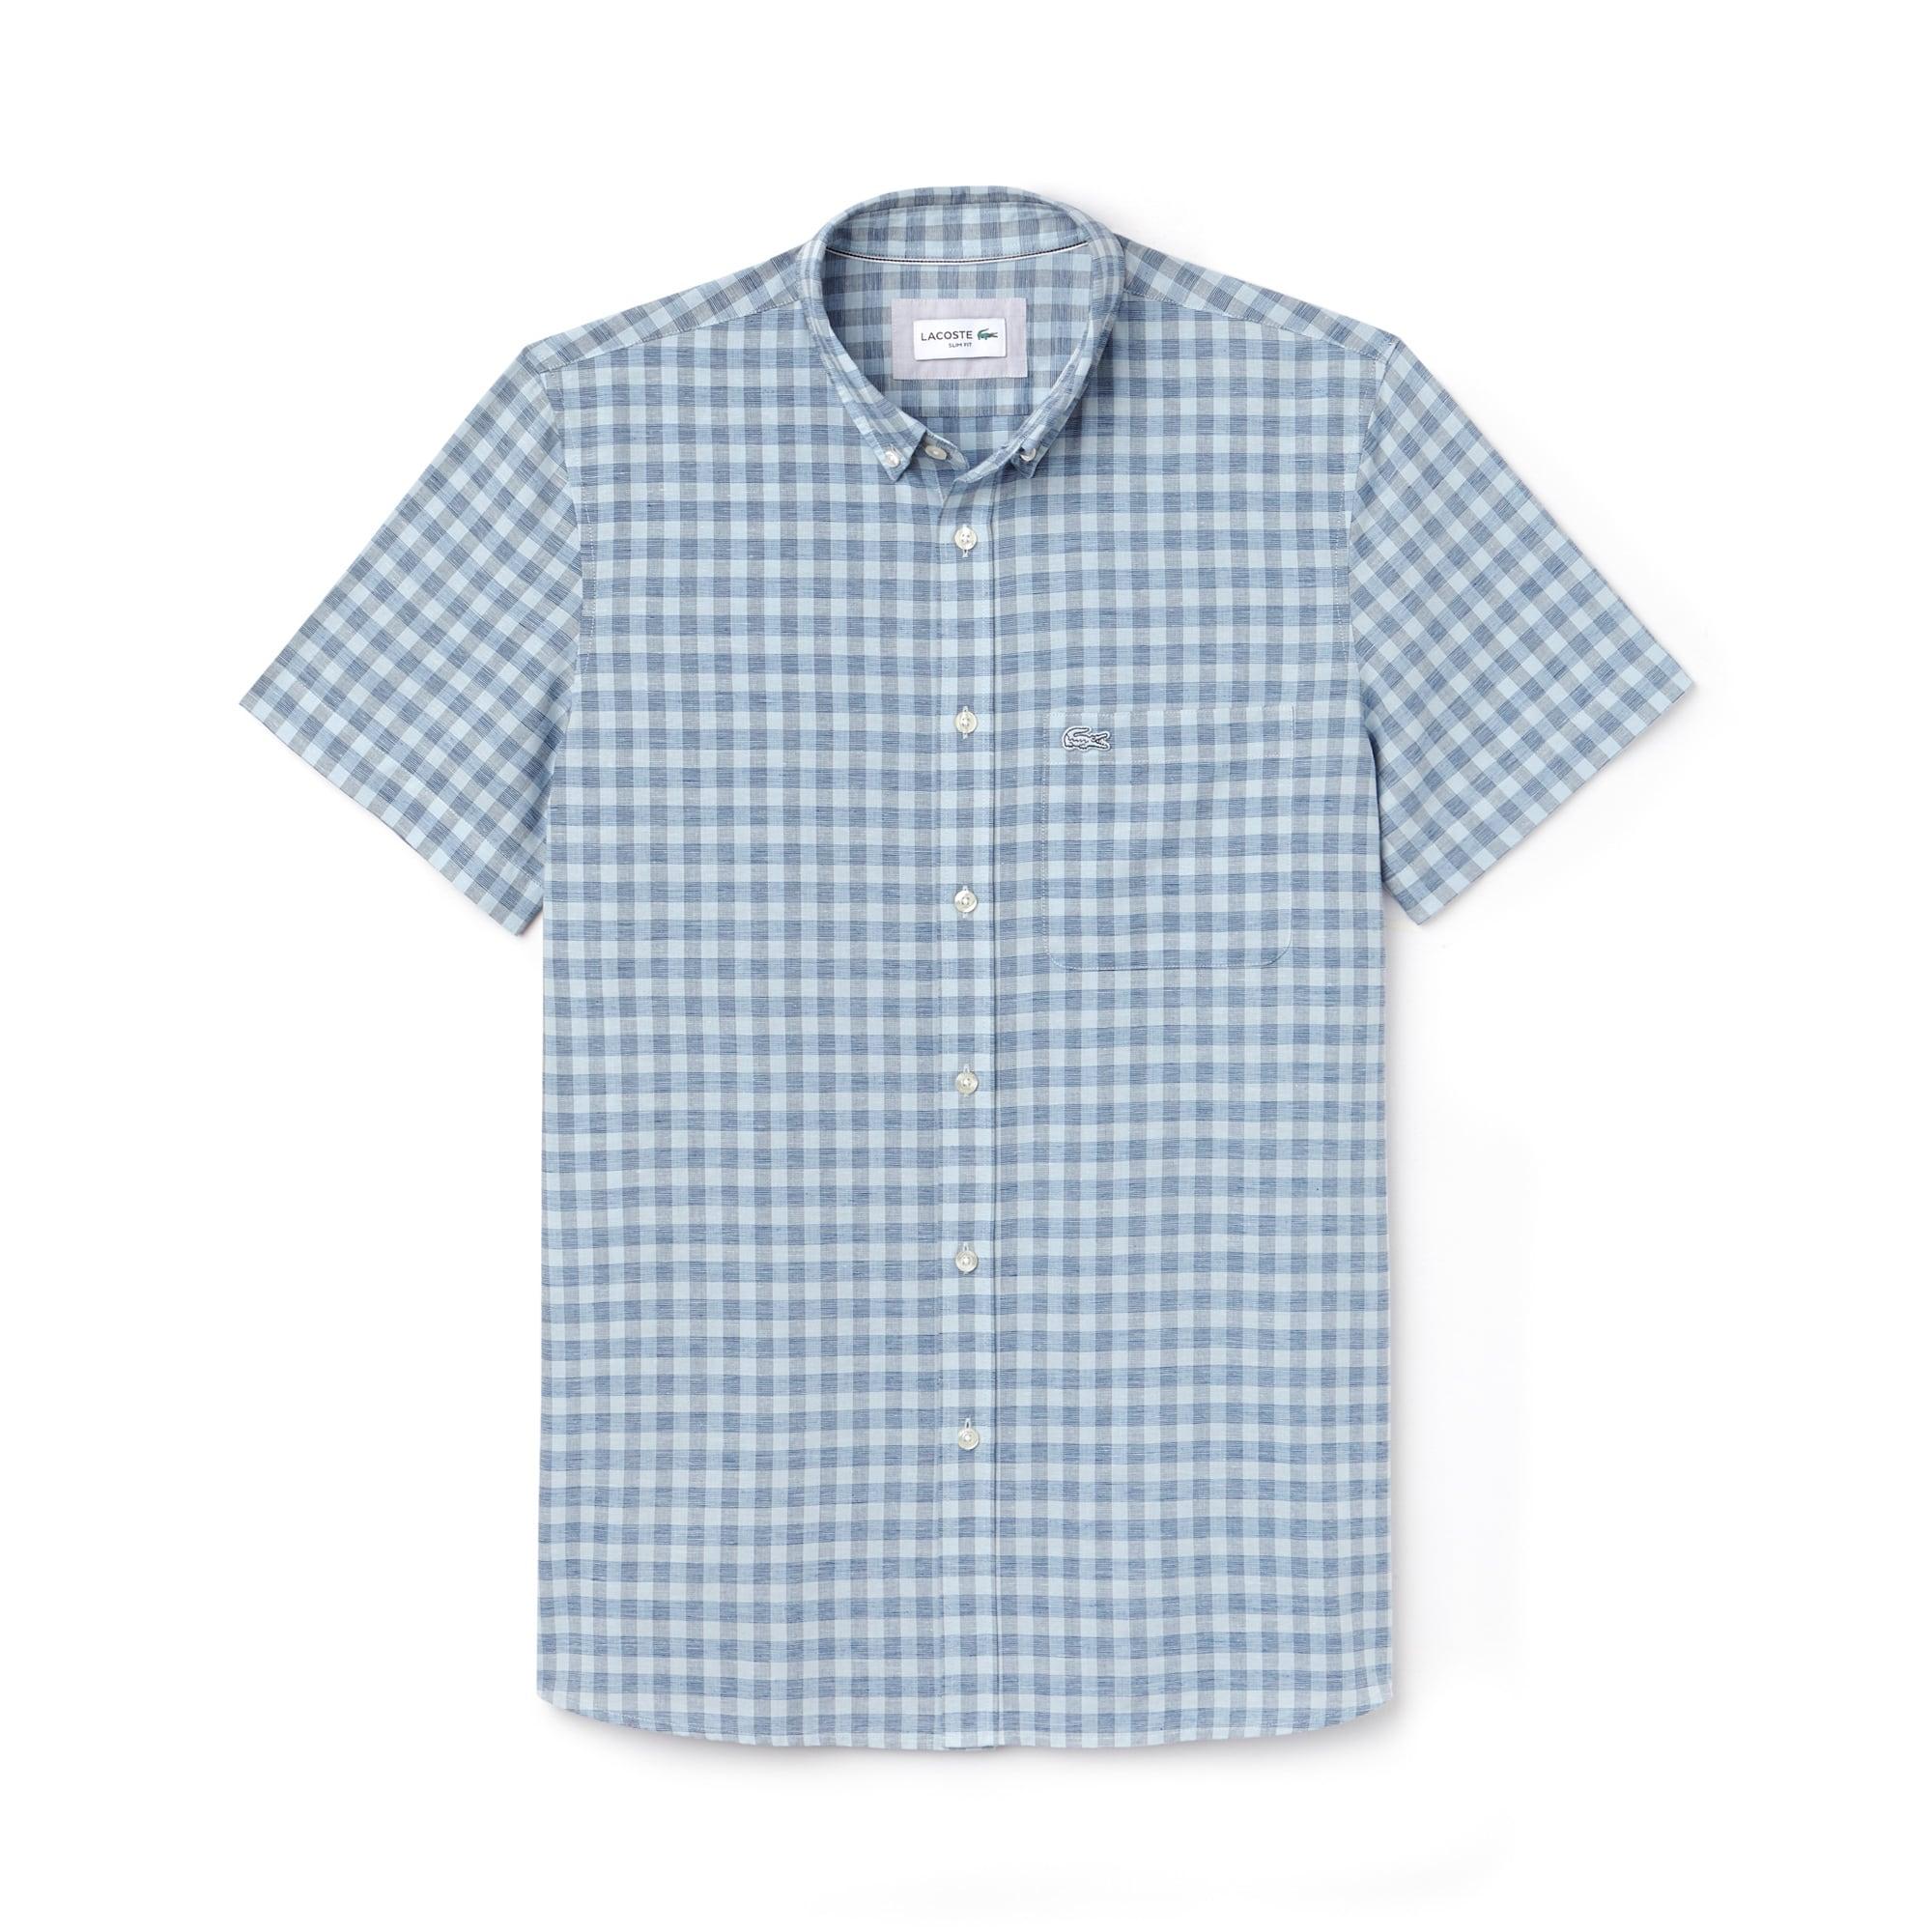 Slim Fit Herren-Hemd aus karierter Popeline